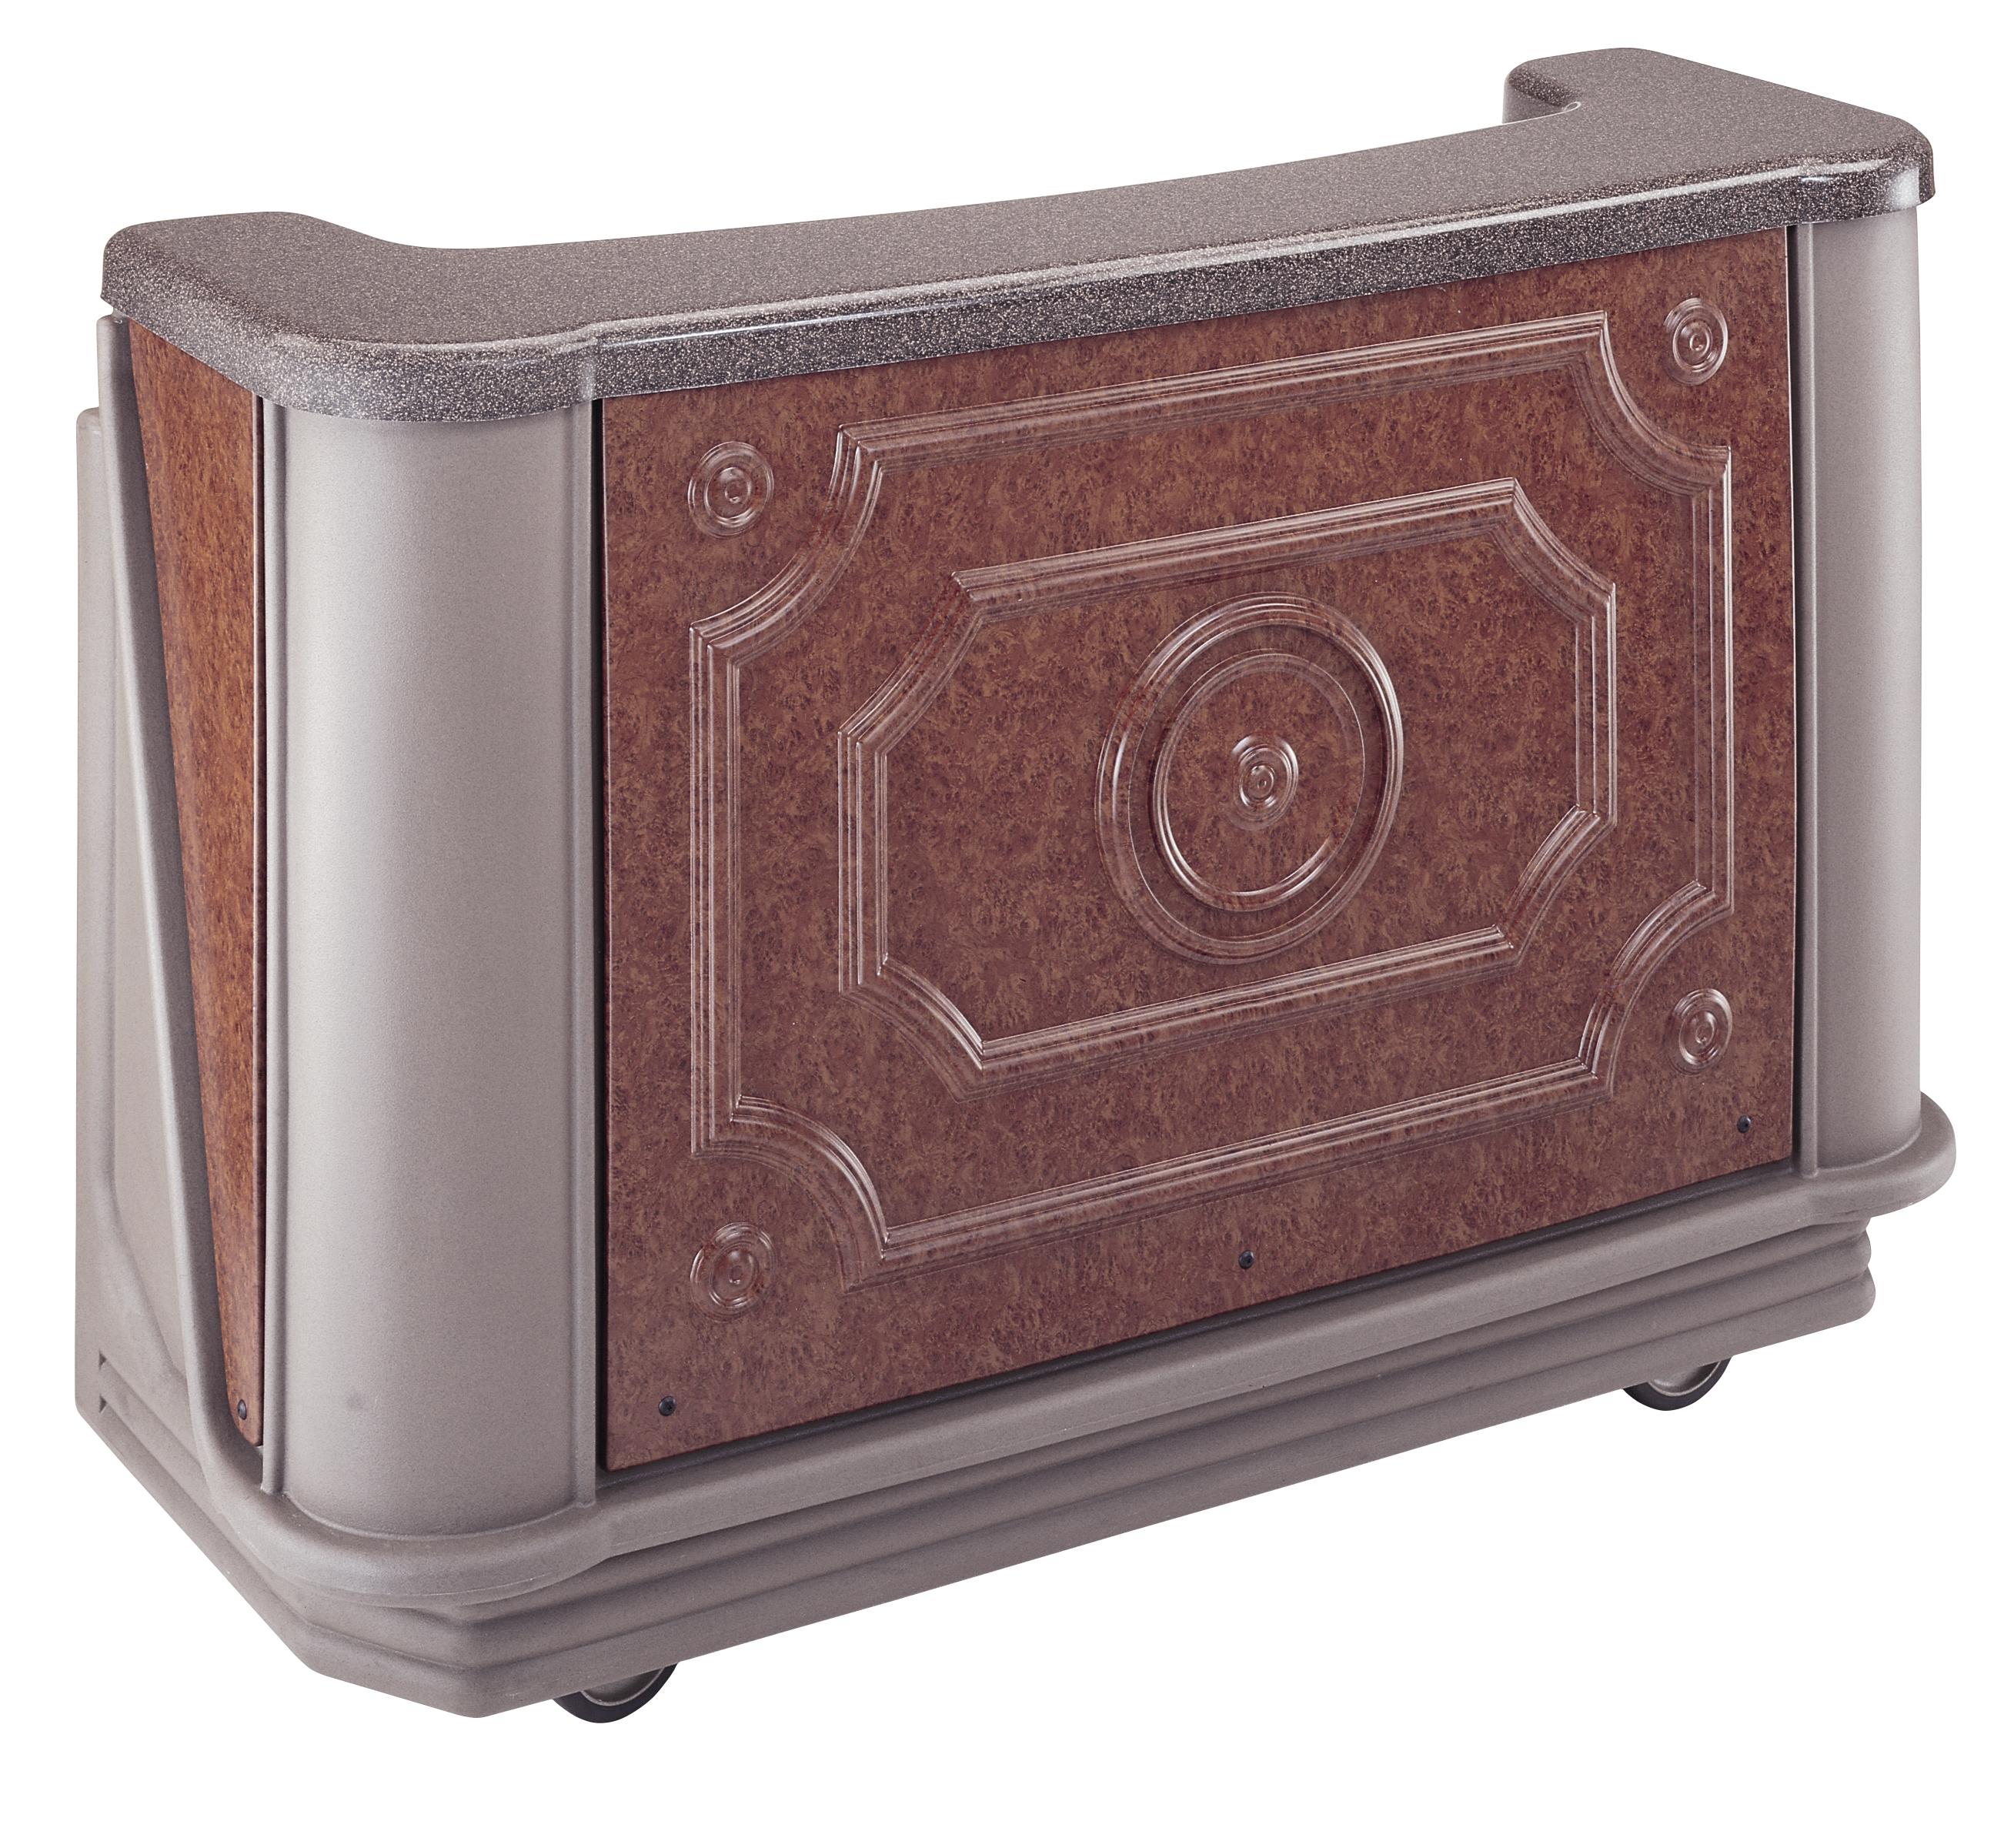 Cambro BAR650DSPMT2669 portable bar